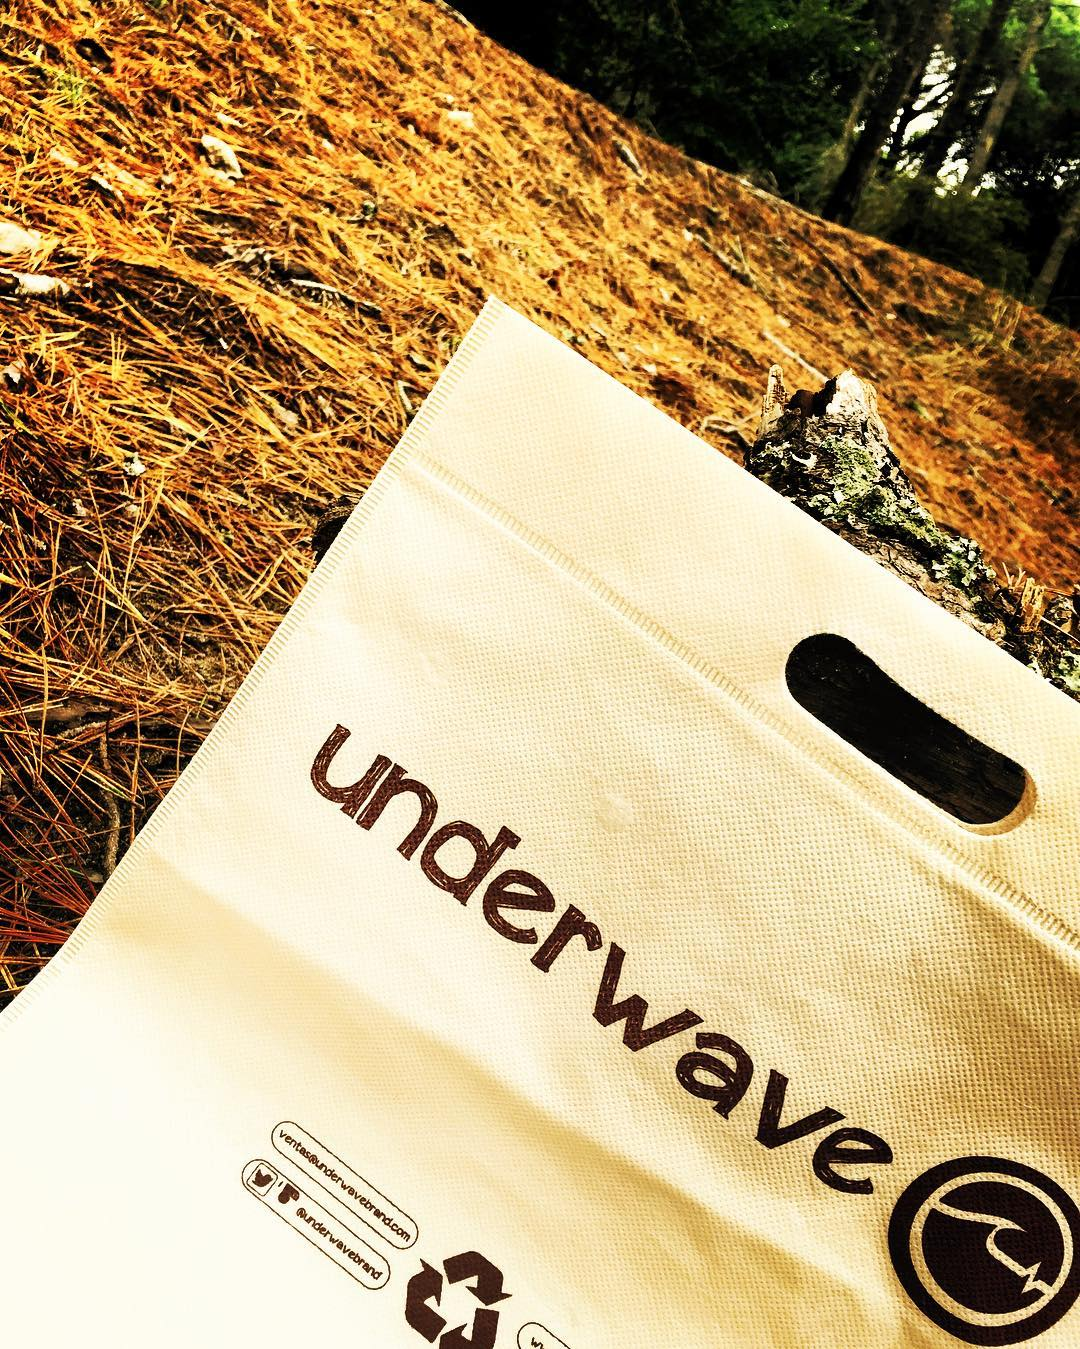 - No conoces nuestras bolsas ecológicas reutilizables? - YA TENEMOS SHOWROOM! Próximamente más novedades. - Ventas: 1132387951 y www.underwavebrand.com - #FeelIt